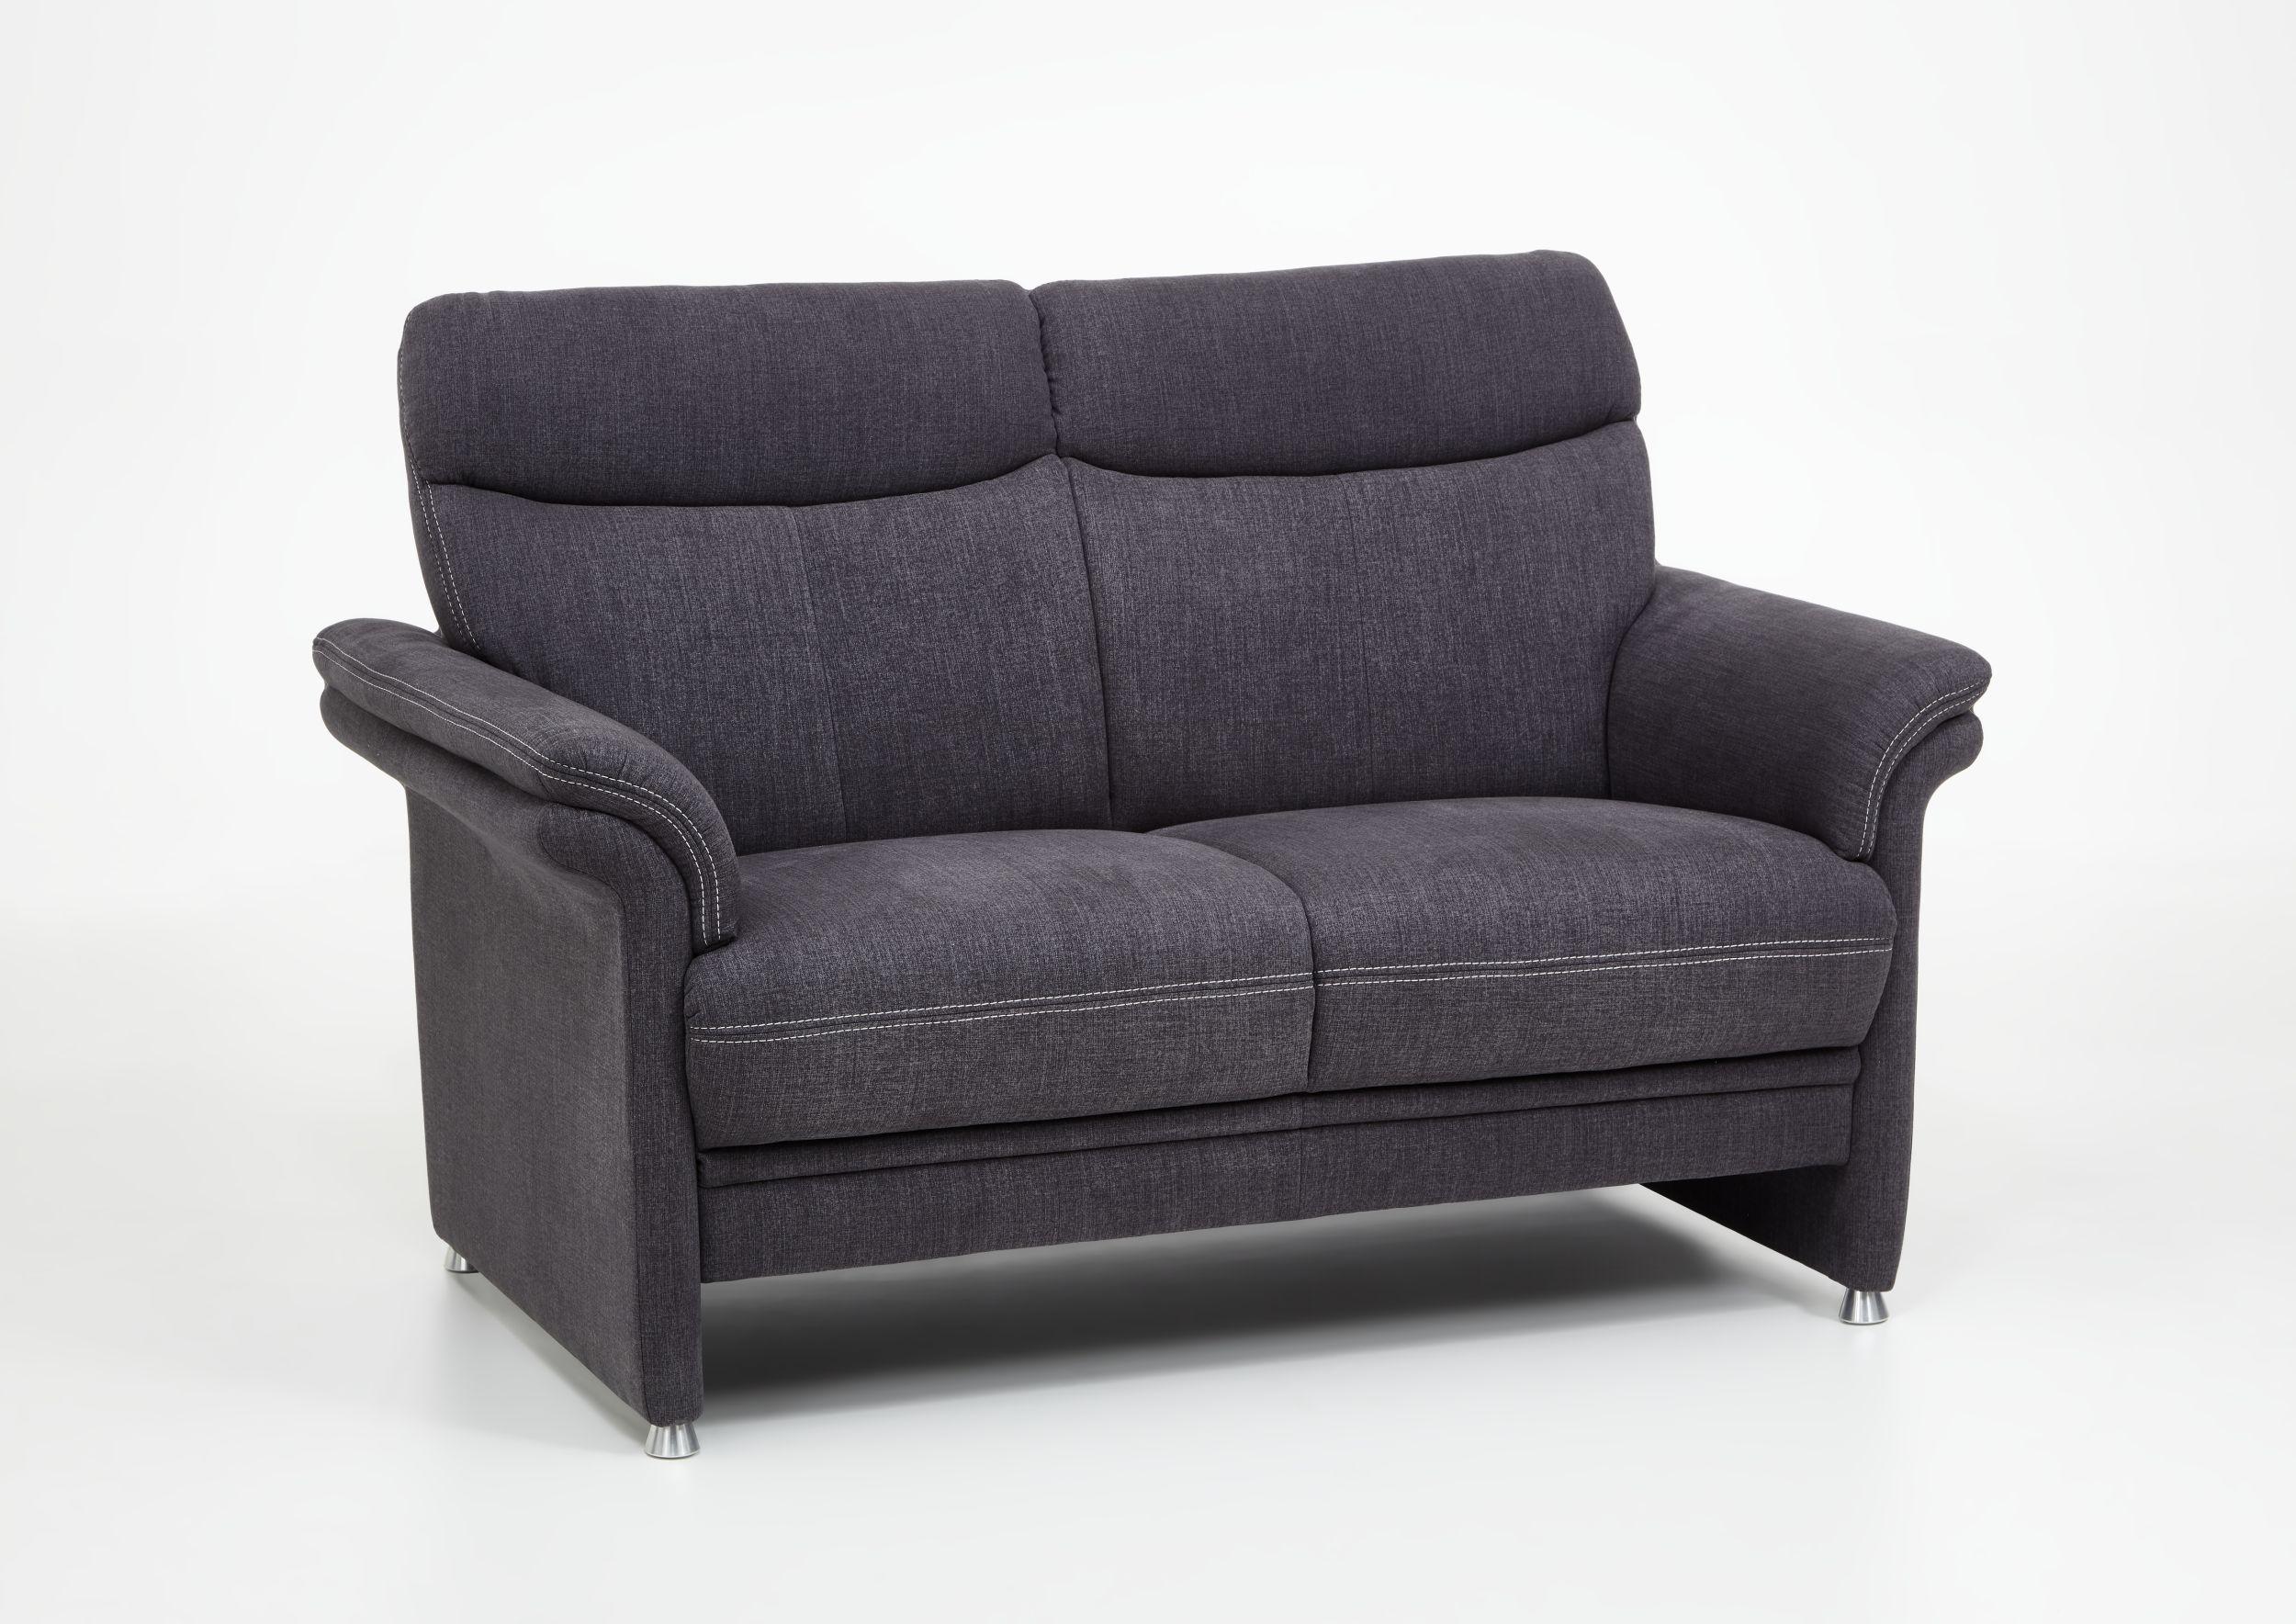 Full Size of 2 Sitzer Sofa In Anthrazit Mbelhaus Pohl Wilhelmshaven Alcantara Bezug Hussen Für Lounge Garten überwurf Microfaser Bett 220 X Home Affaire Big Xxl Grau Sofa 2 Sitzer Sofa